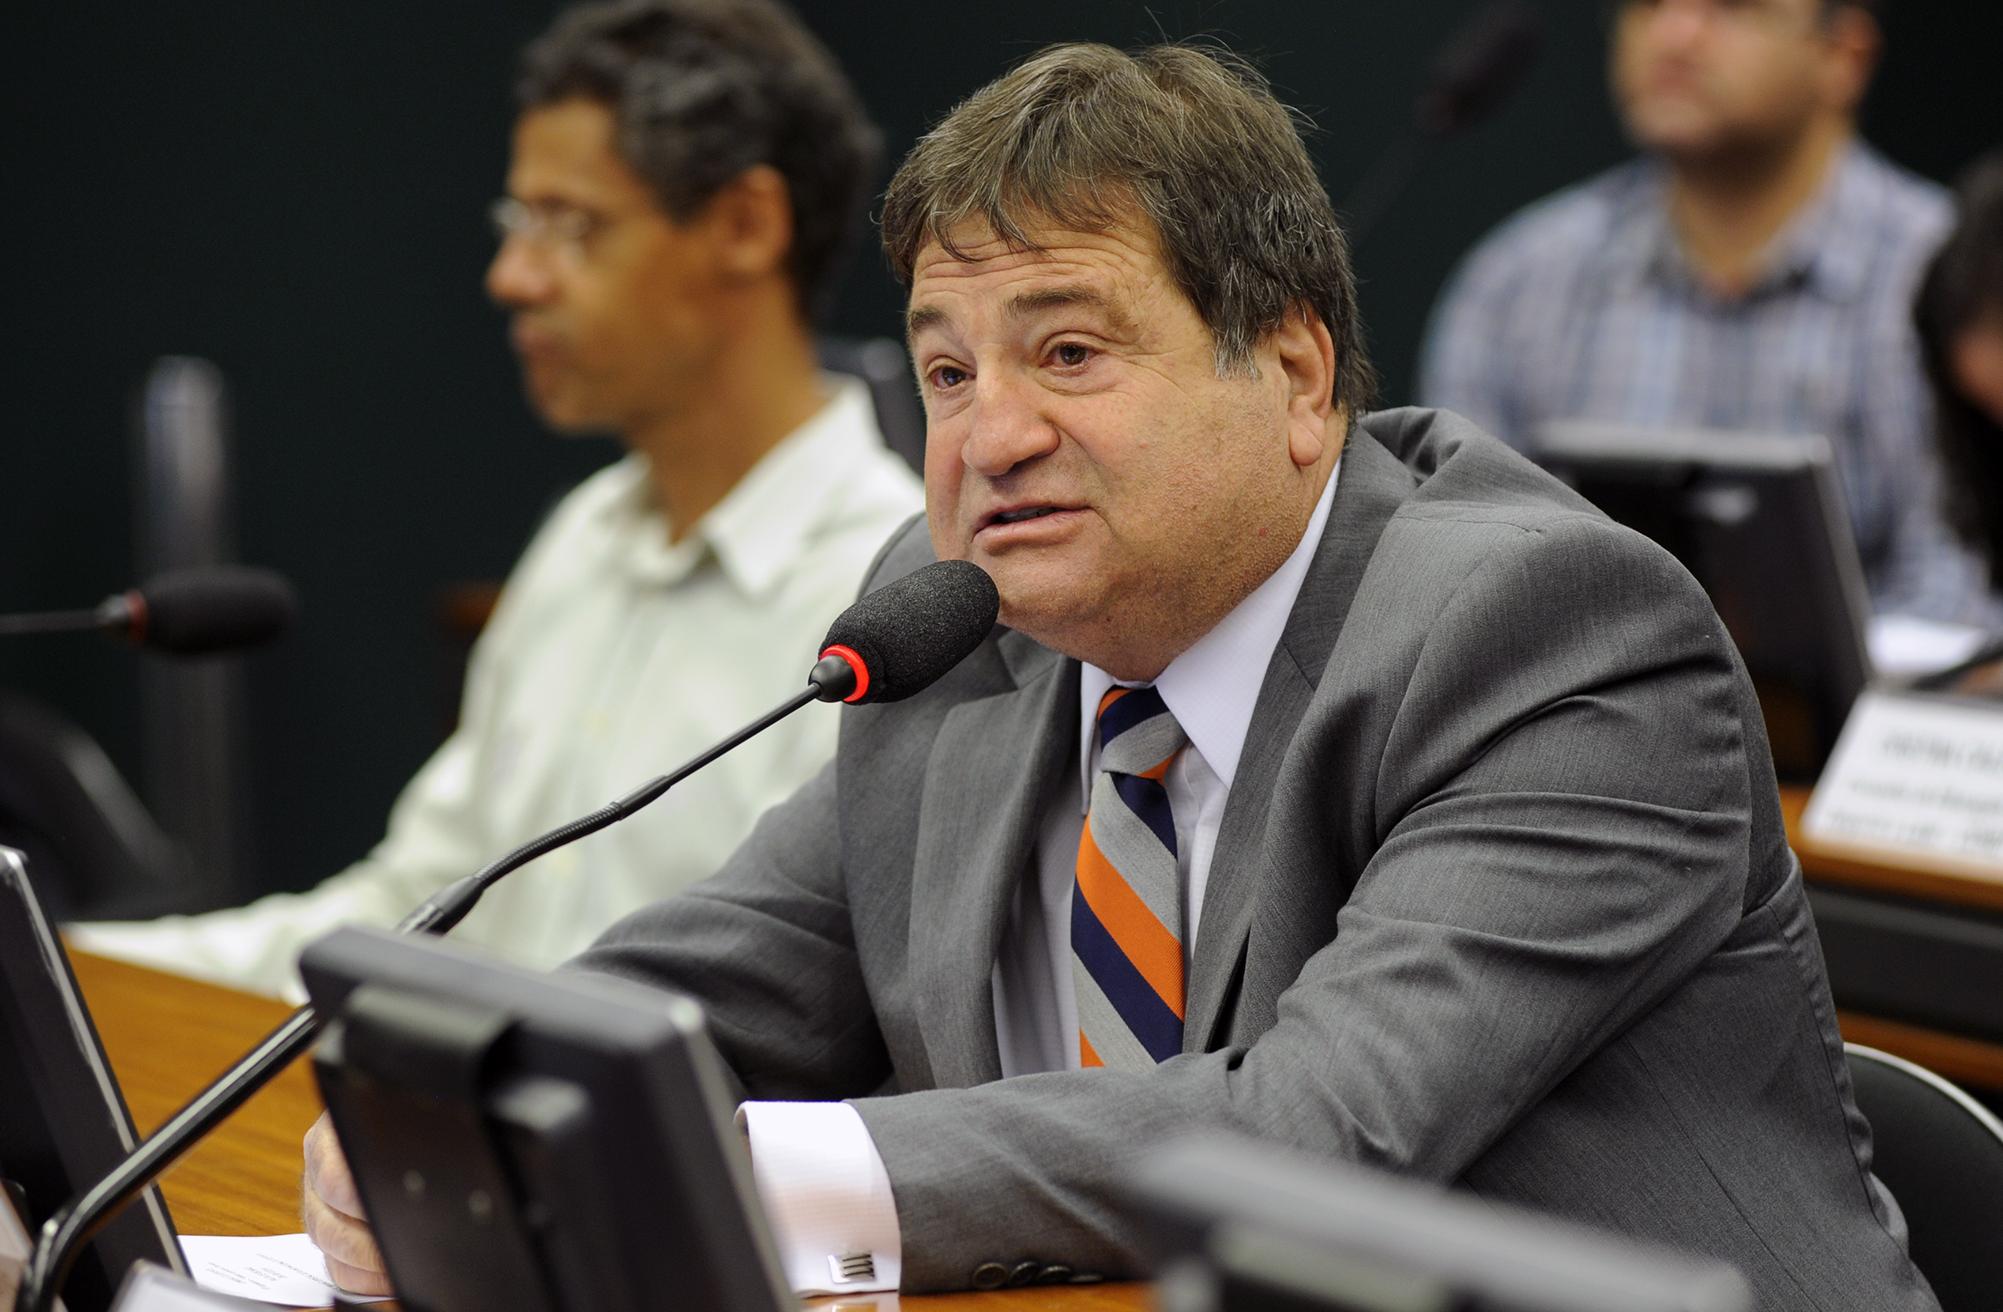 Subcomissão Especial do Plano Nacional do Desporto  Mesa Redonda: A terceira etapa da proposta do Plano Nacional do Desporto. Dep. César Halum (PRB - TO)